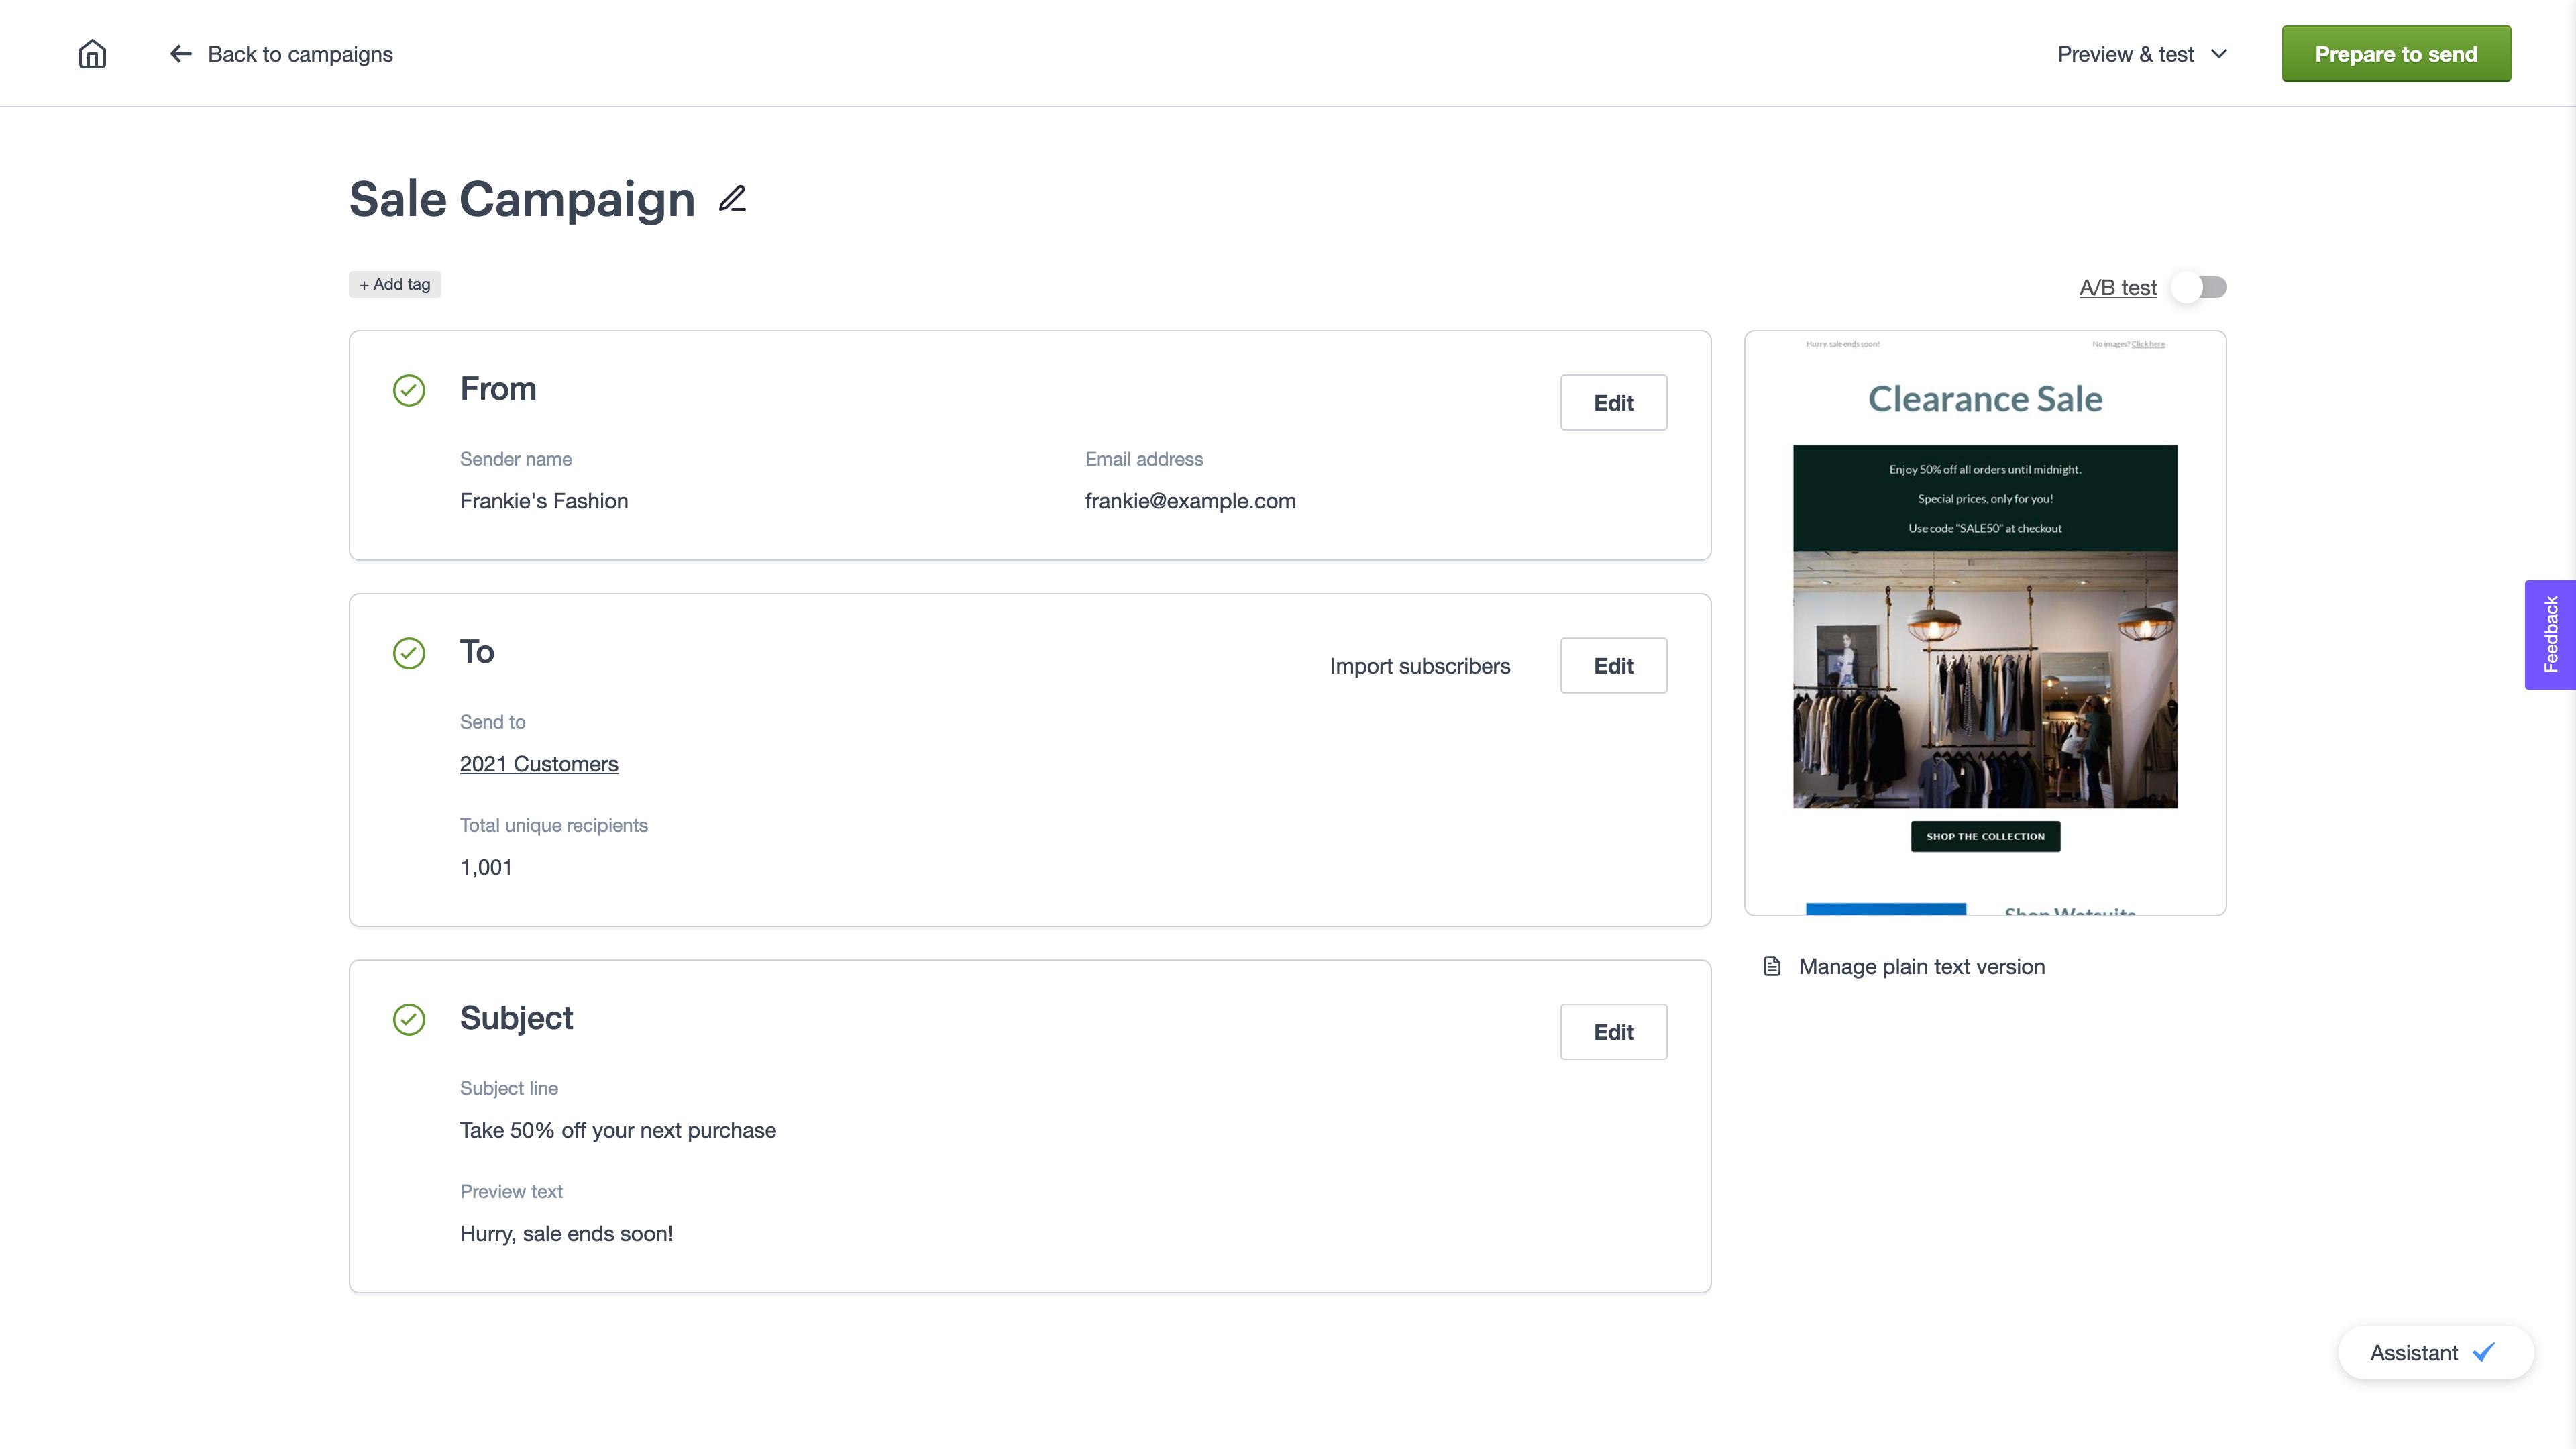 Campaign Checklist